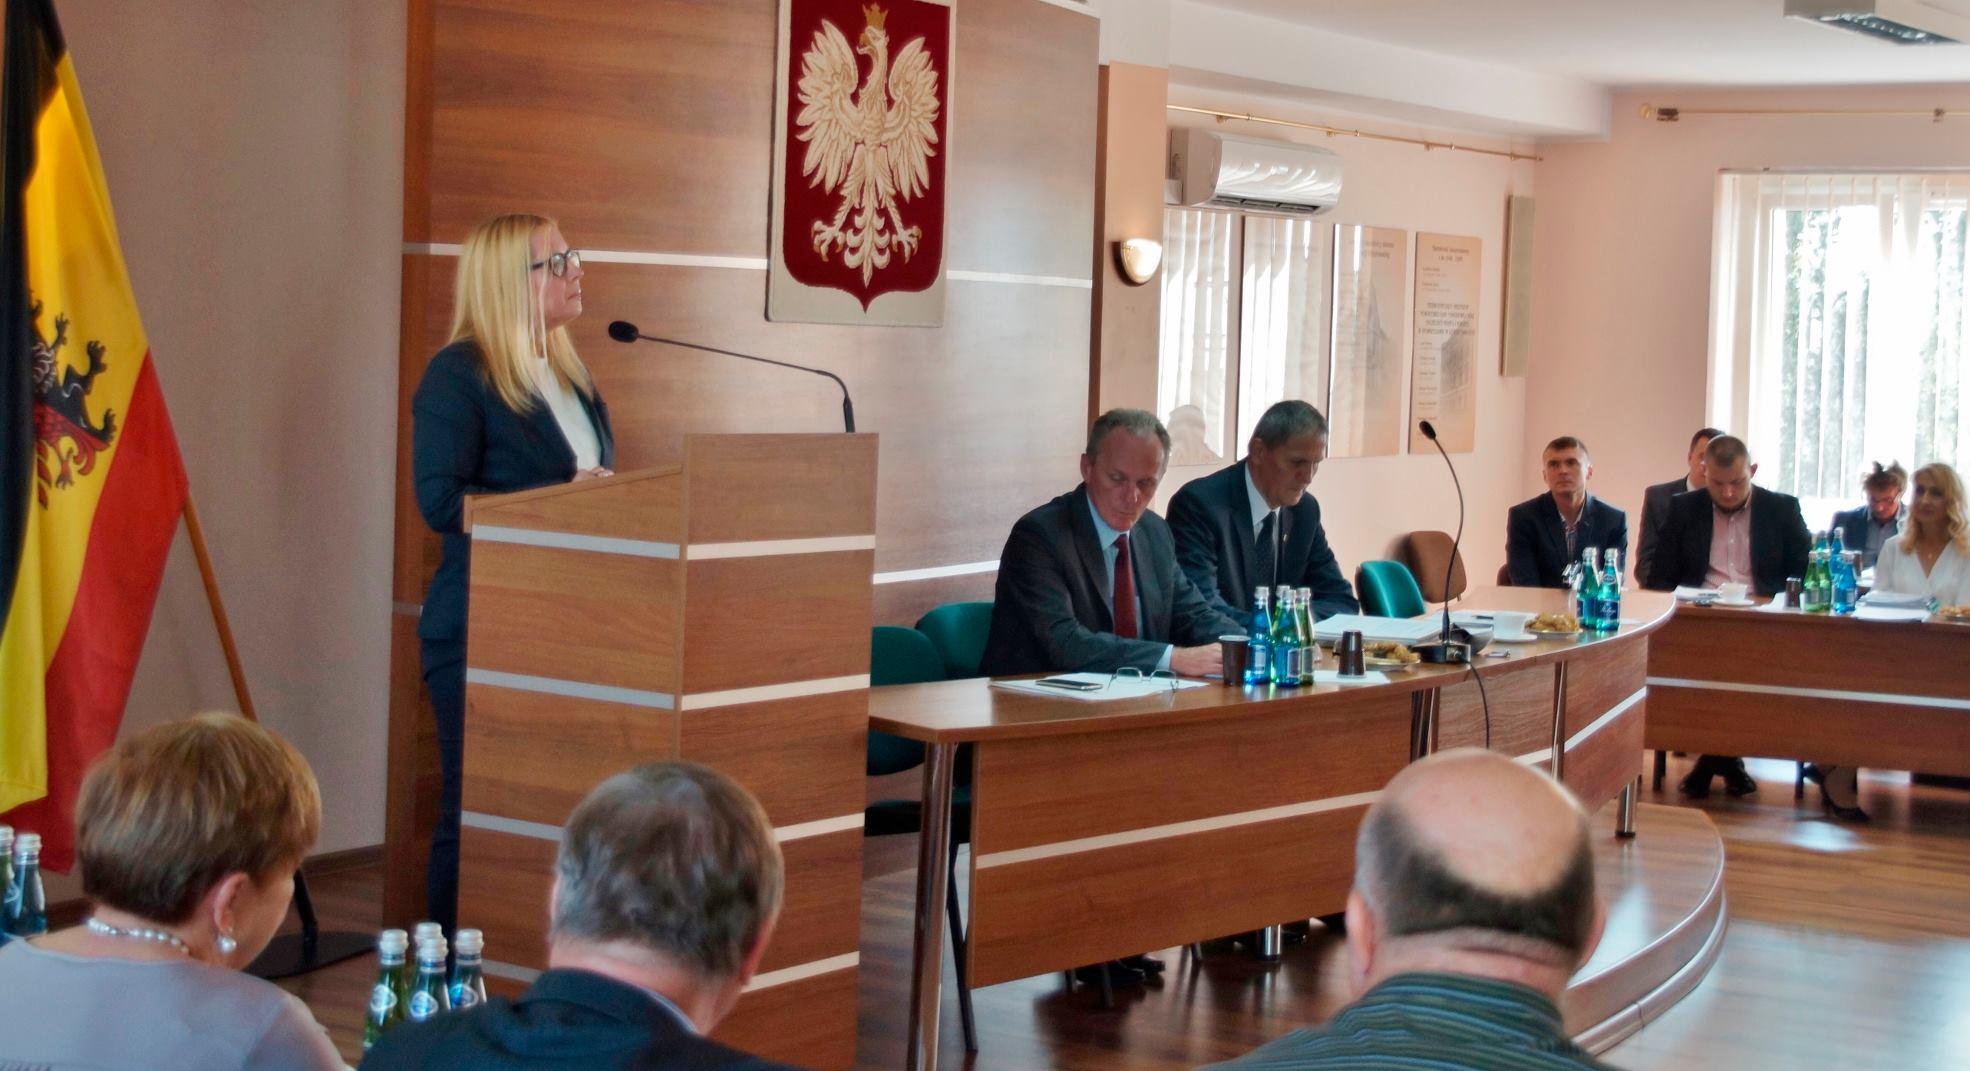 Jubileusz 10-lecia Rady Organizacji Pozarządowych Powiatu Inowrocławskiego.